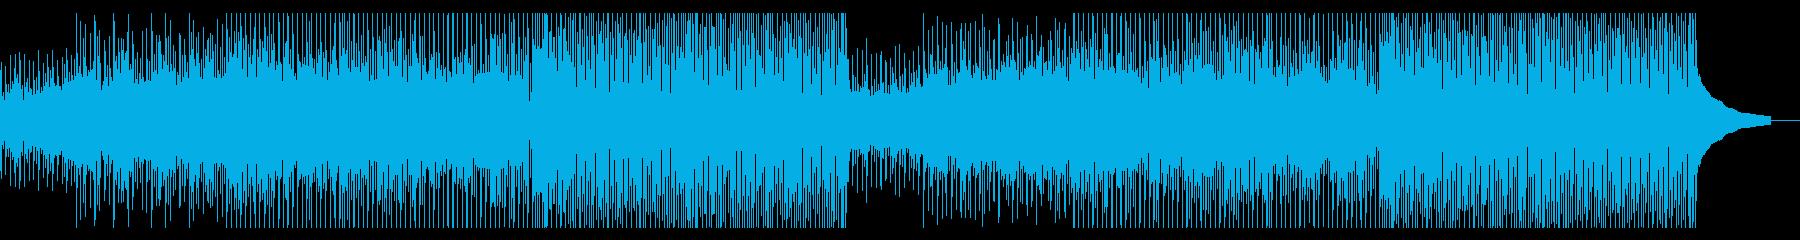 アップテンポで陽気な可愛いコンセプト系の再生済みの波形